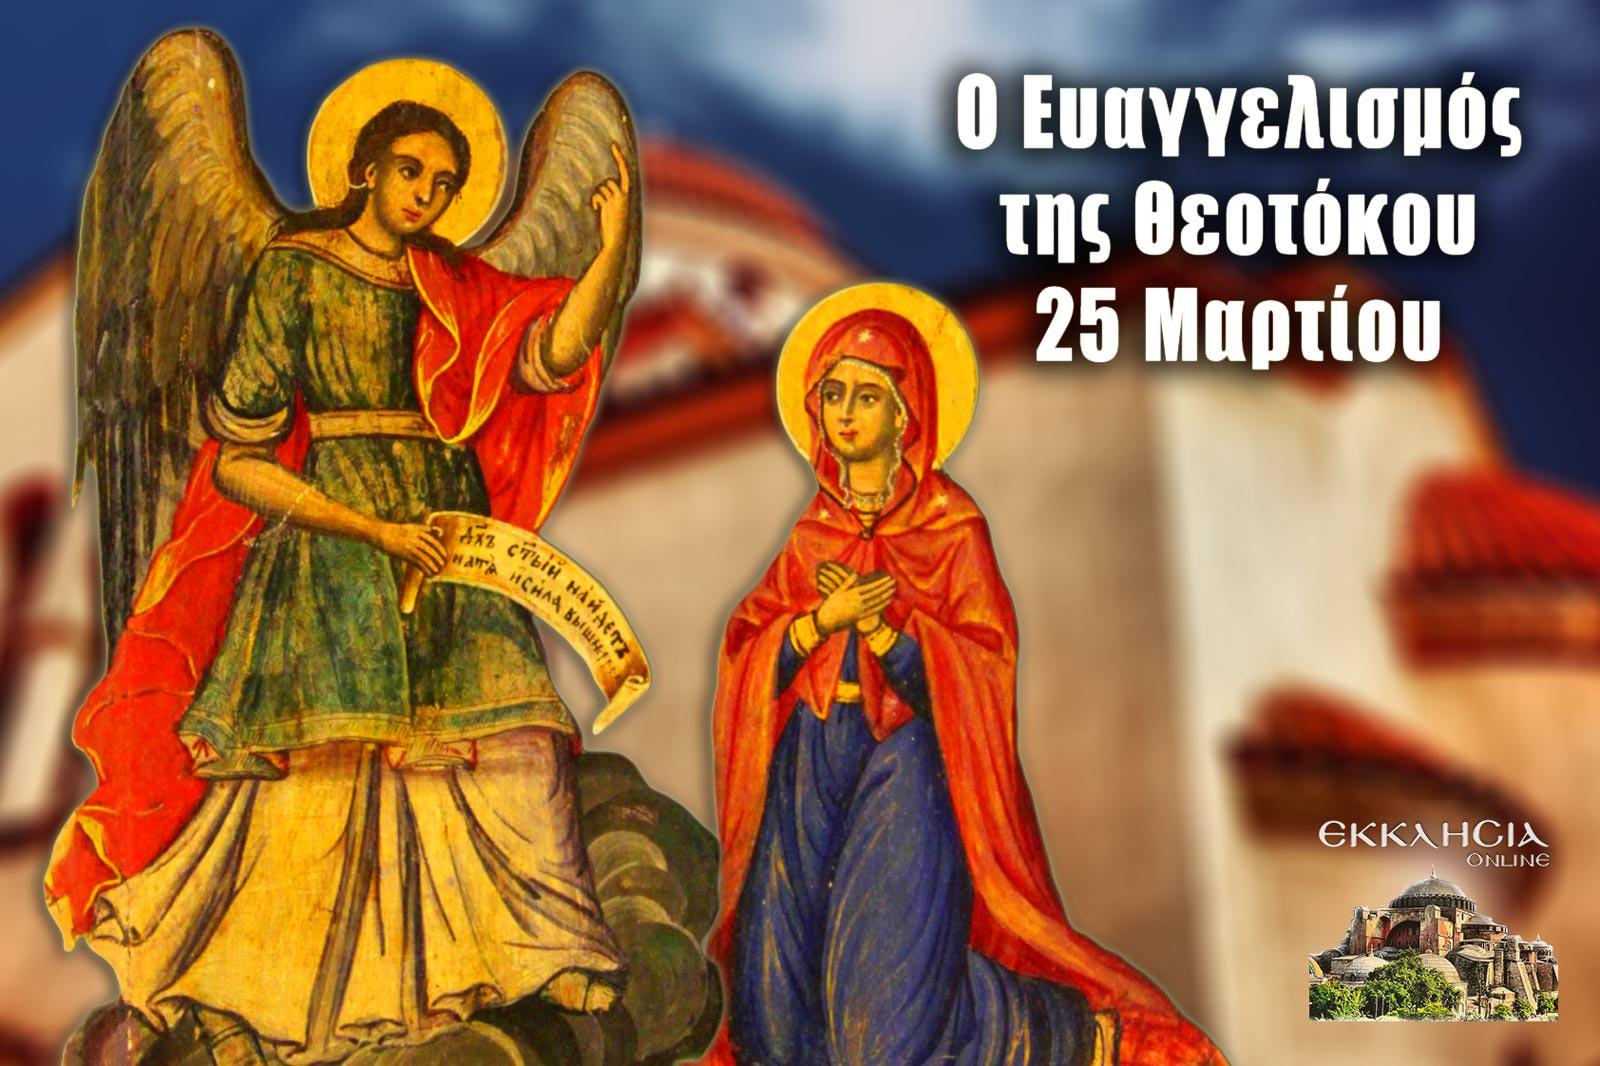 Ευαγγελισμός της Θεοτόκου 25 Μαρτίου